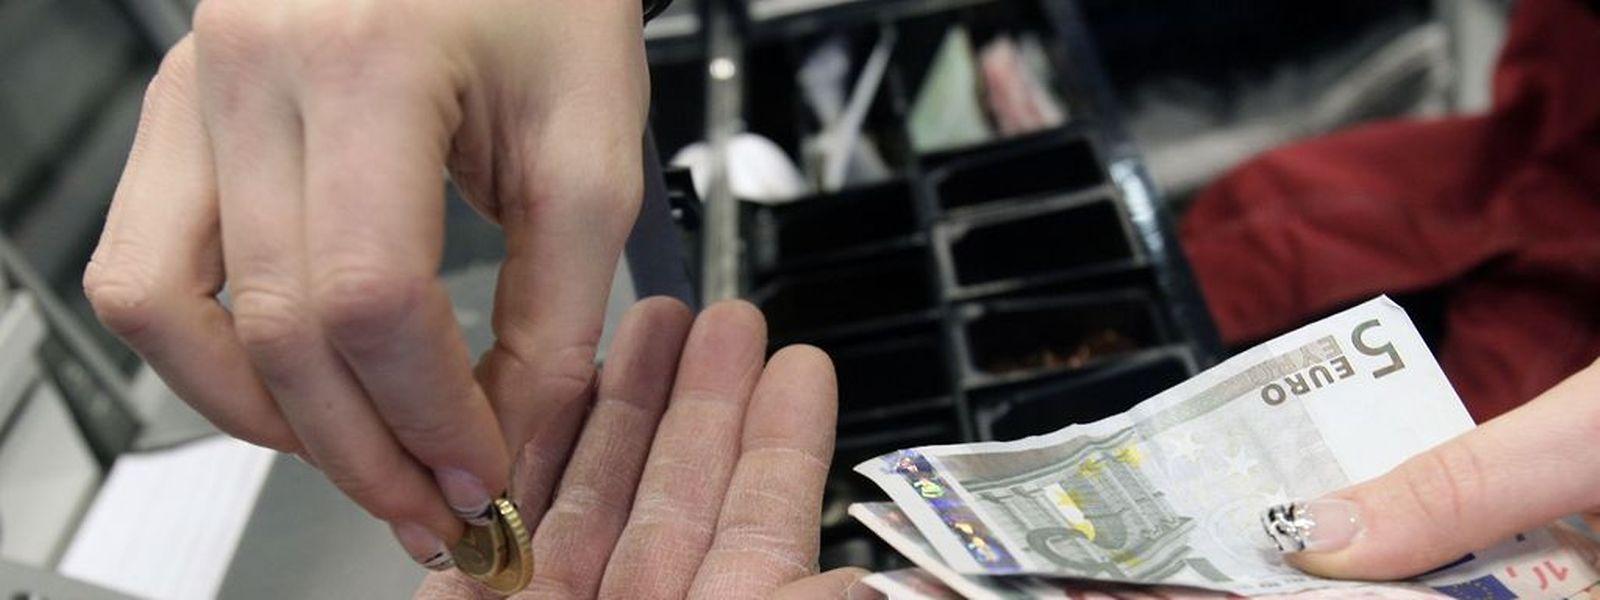 Die jährliche Inflationsrate betrug im Januar minus 0,6 Prozent, das war im Monatsvergleich ein Rückgang um 0,4 Punkte.  (Foto: Marc Wilwert)